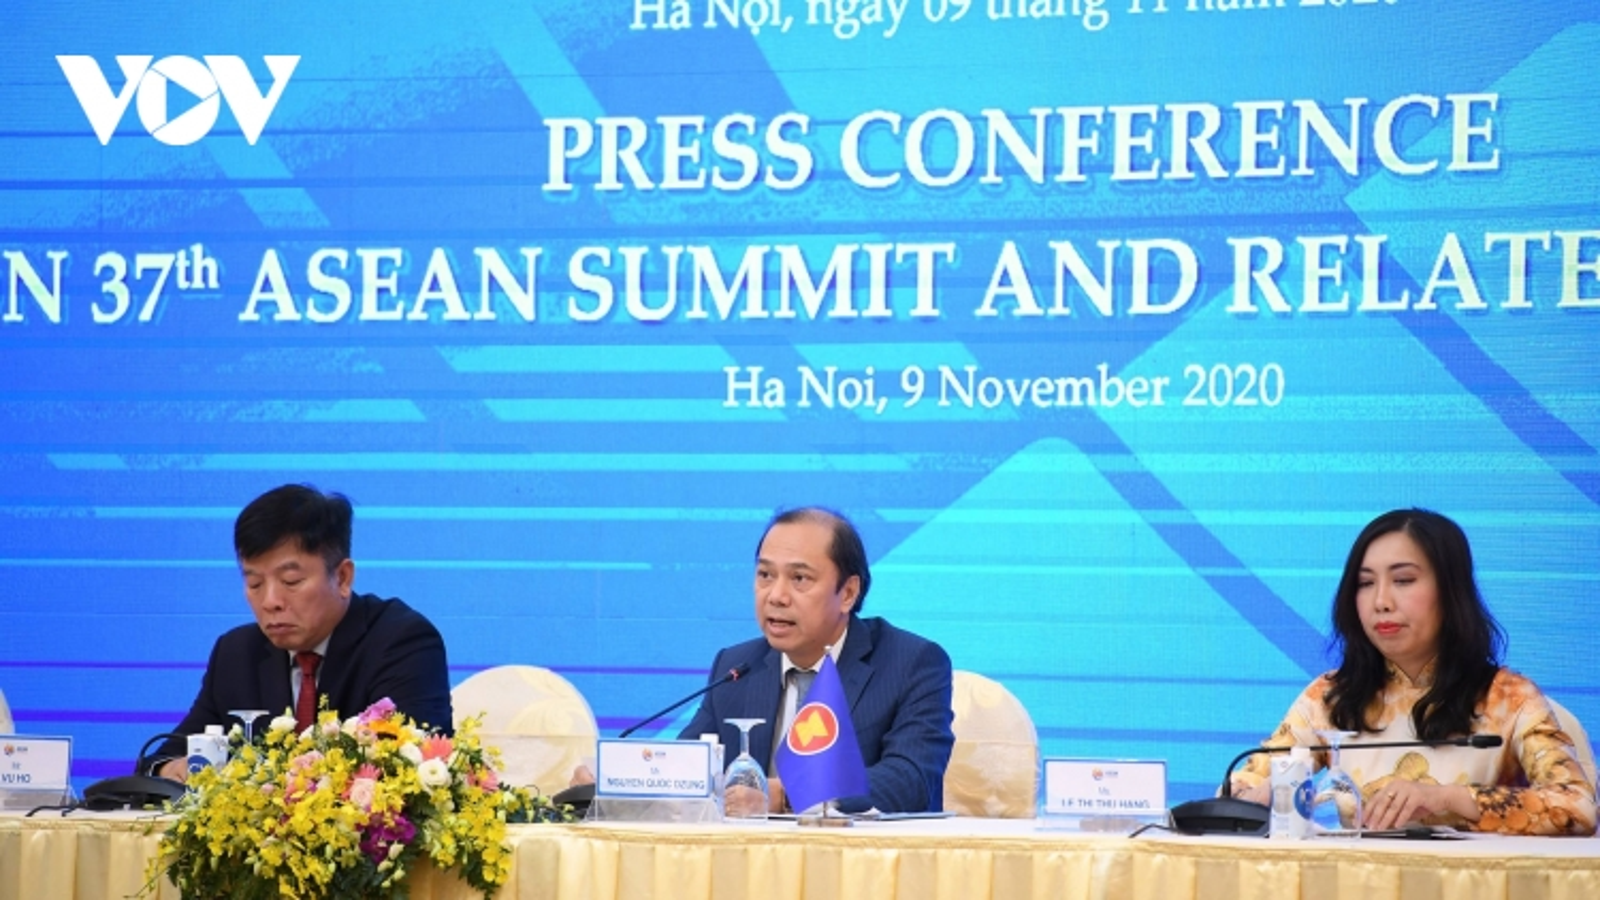 Hội nghị cấp cao ASEAN 37 dự kiến thông qua và công bố hơn 80 văn kiện